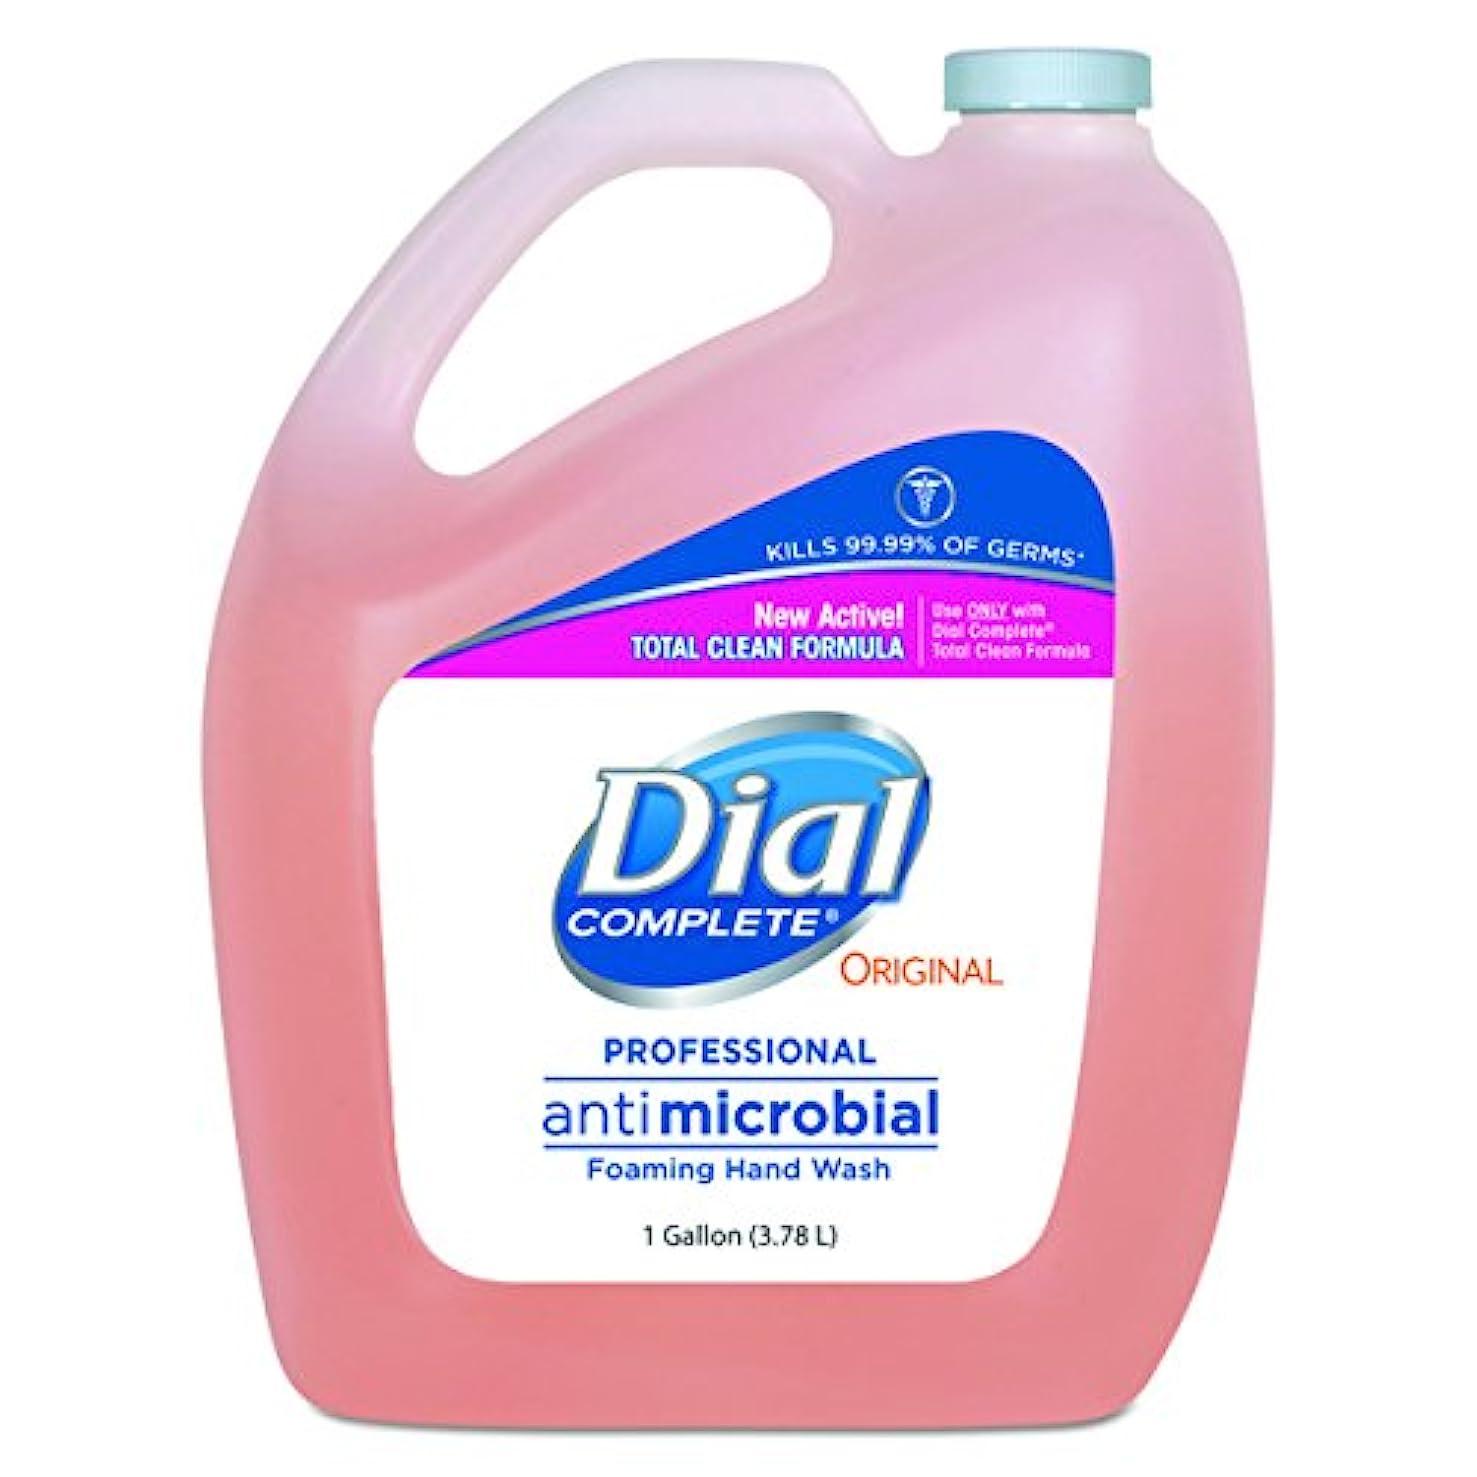 製品ロボットコロニーダイヤルProfessional抗菌Foaming Hand Soap、元香り, 1 gal。、4 /カートン